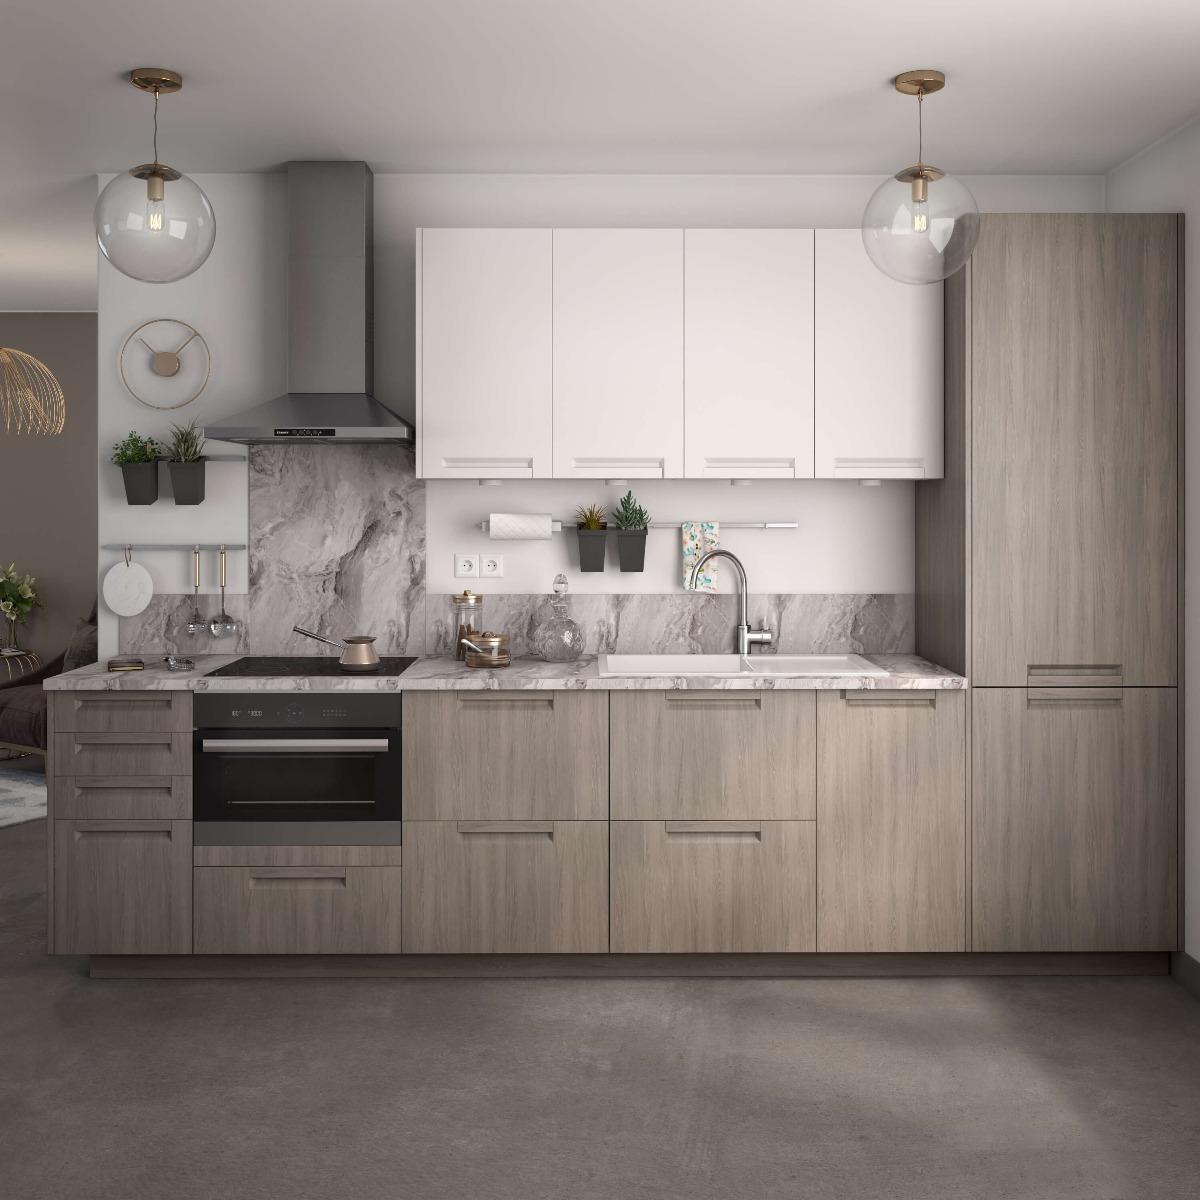 Delinia Detroit Designer Kitchen Mobi - Example 3